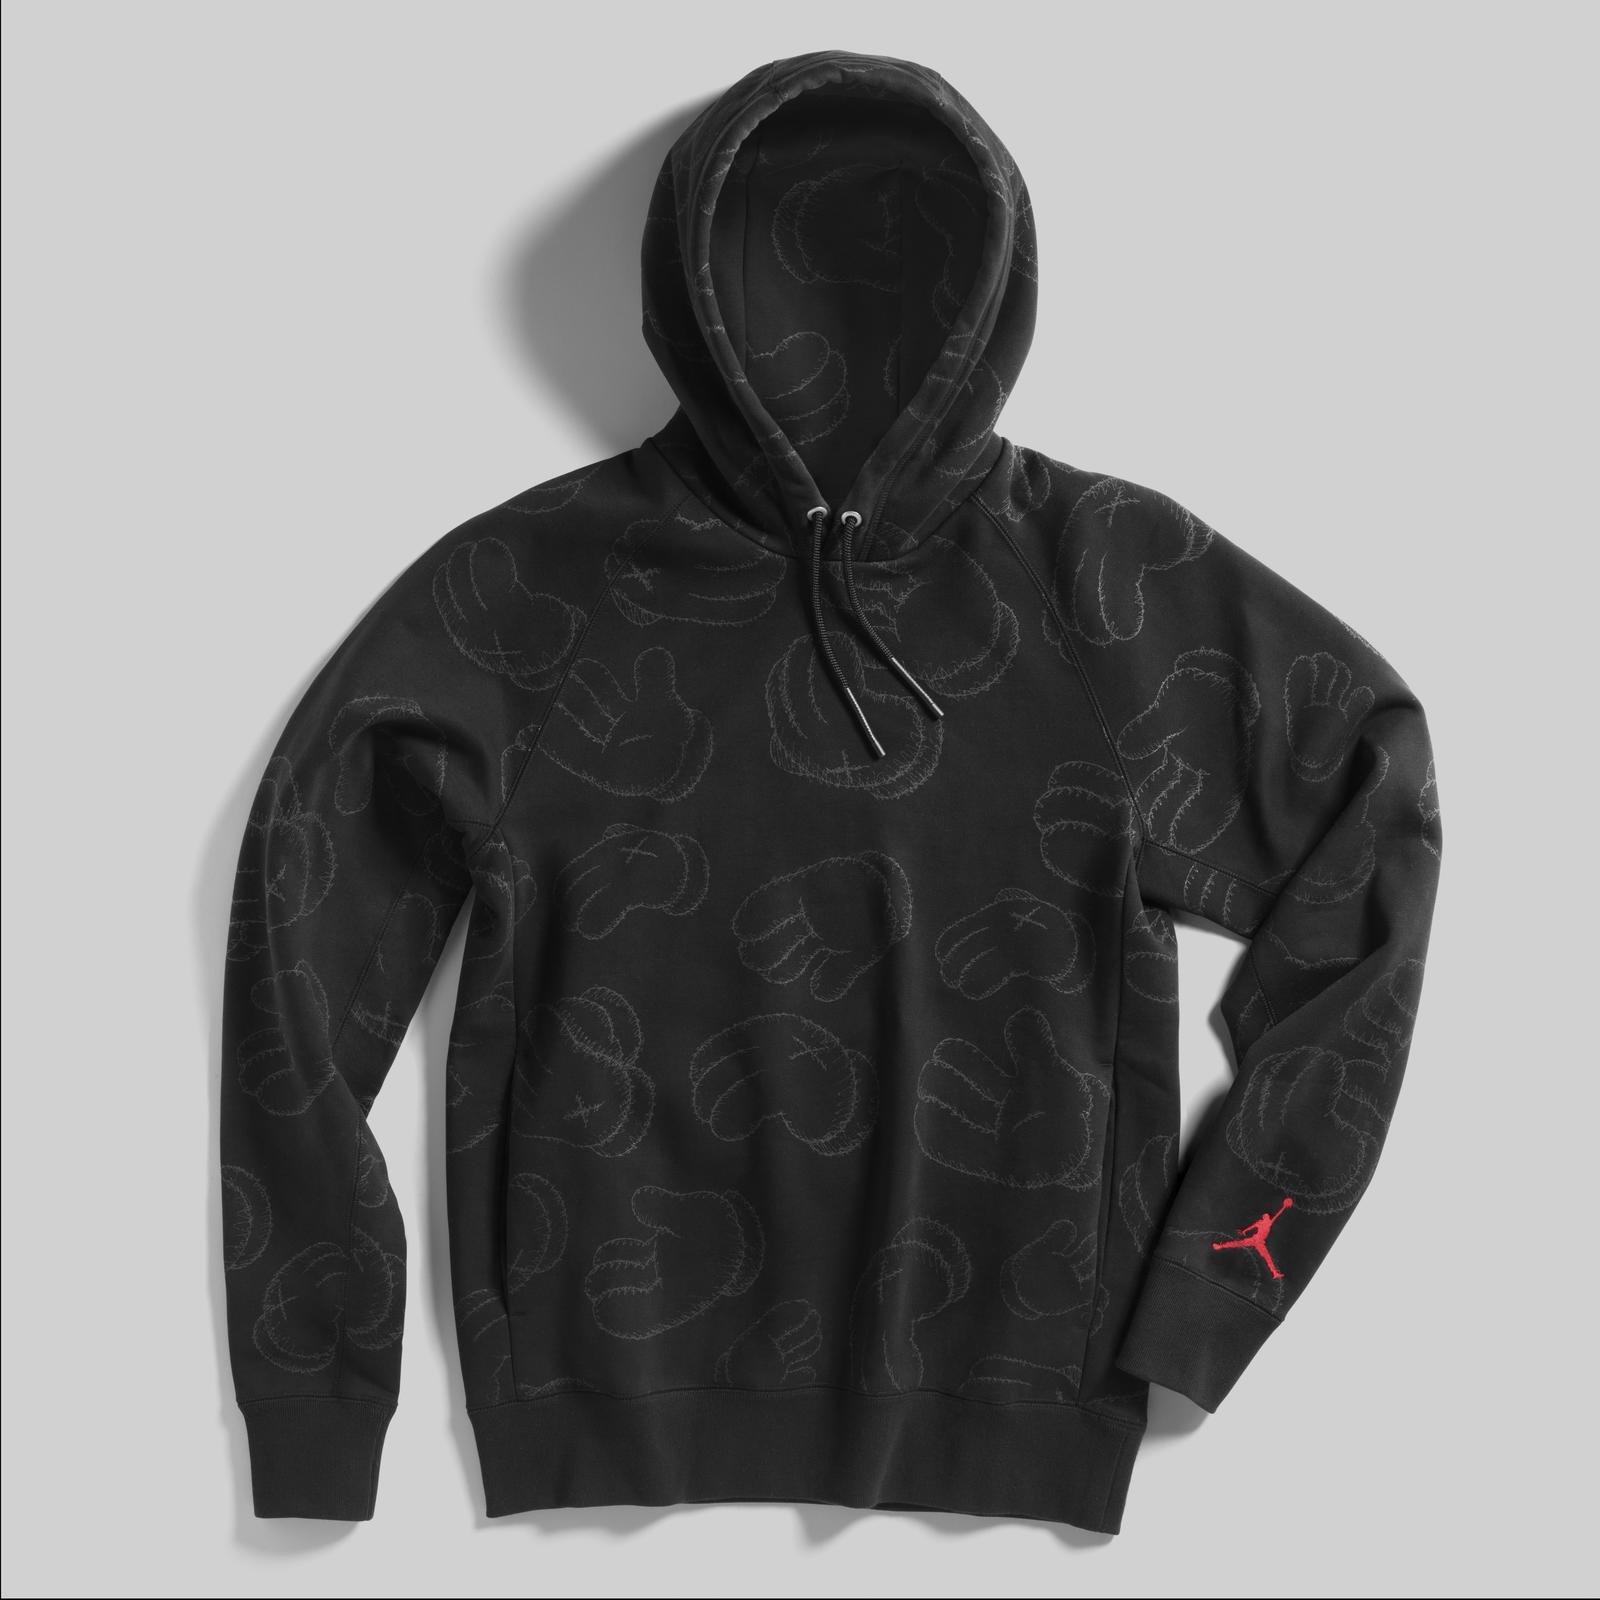 jordan x kaws hoodie